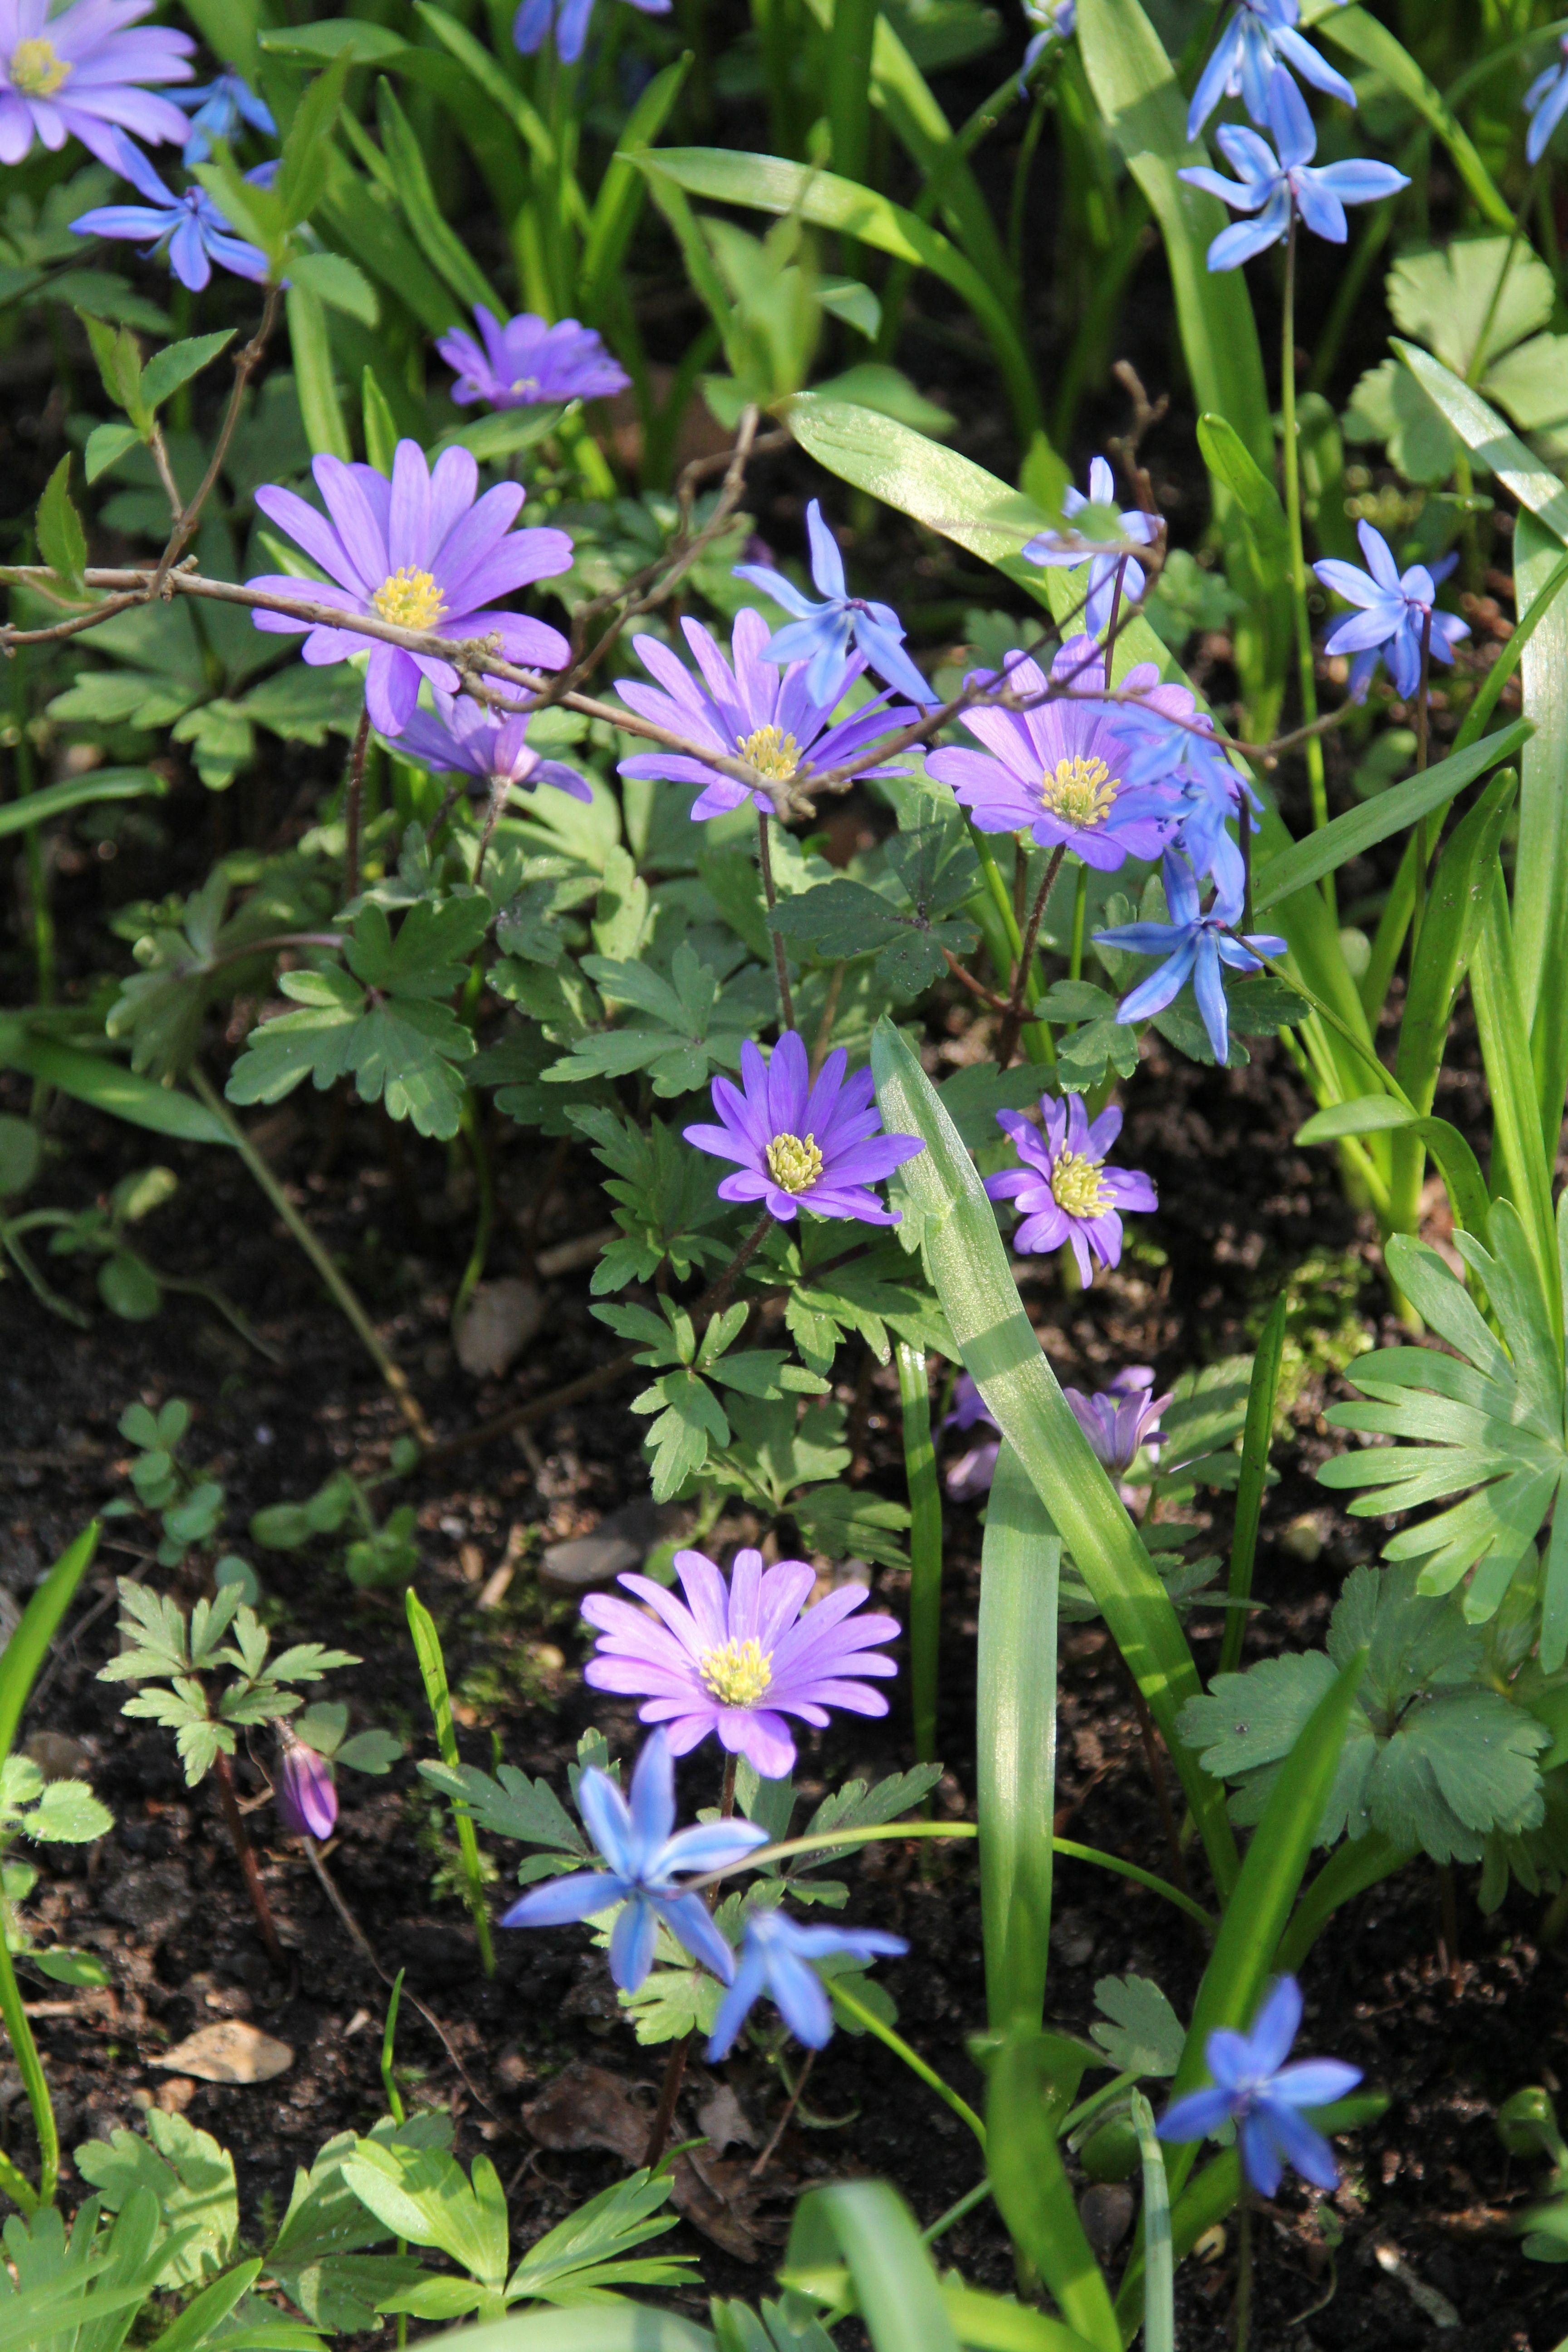 Garten Beet Fruhling April Bluhen Garten Pflanzen Gartentipps